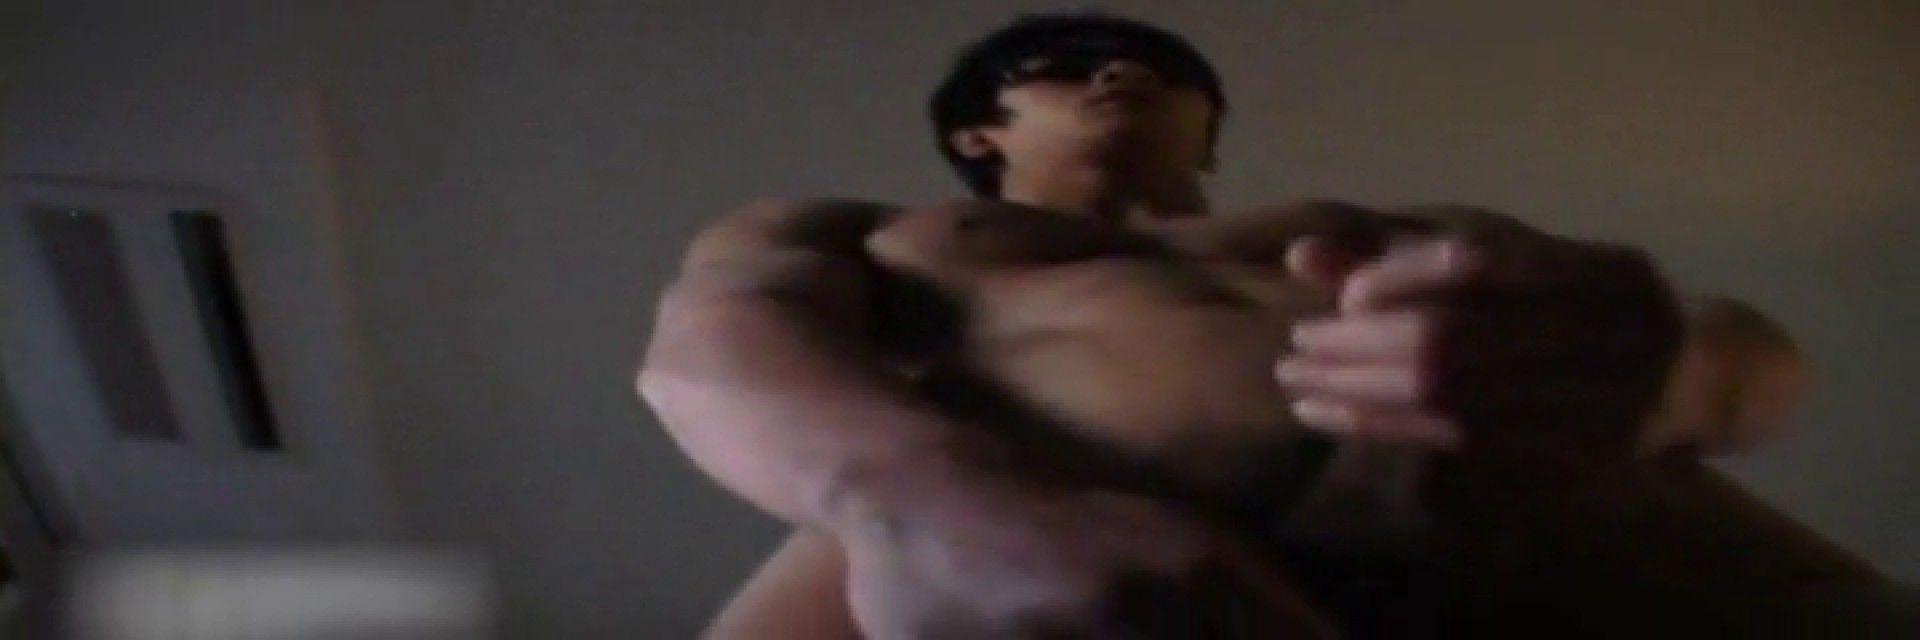 イケメンマッチョの「俺のオナニー!」 スポーツマン おちんちん画像 71画像 4